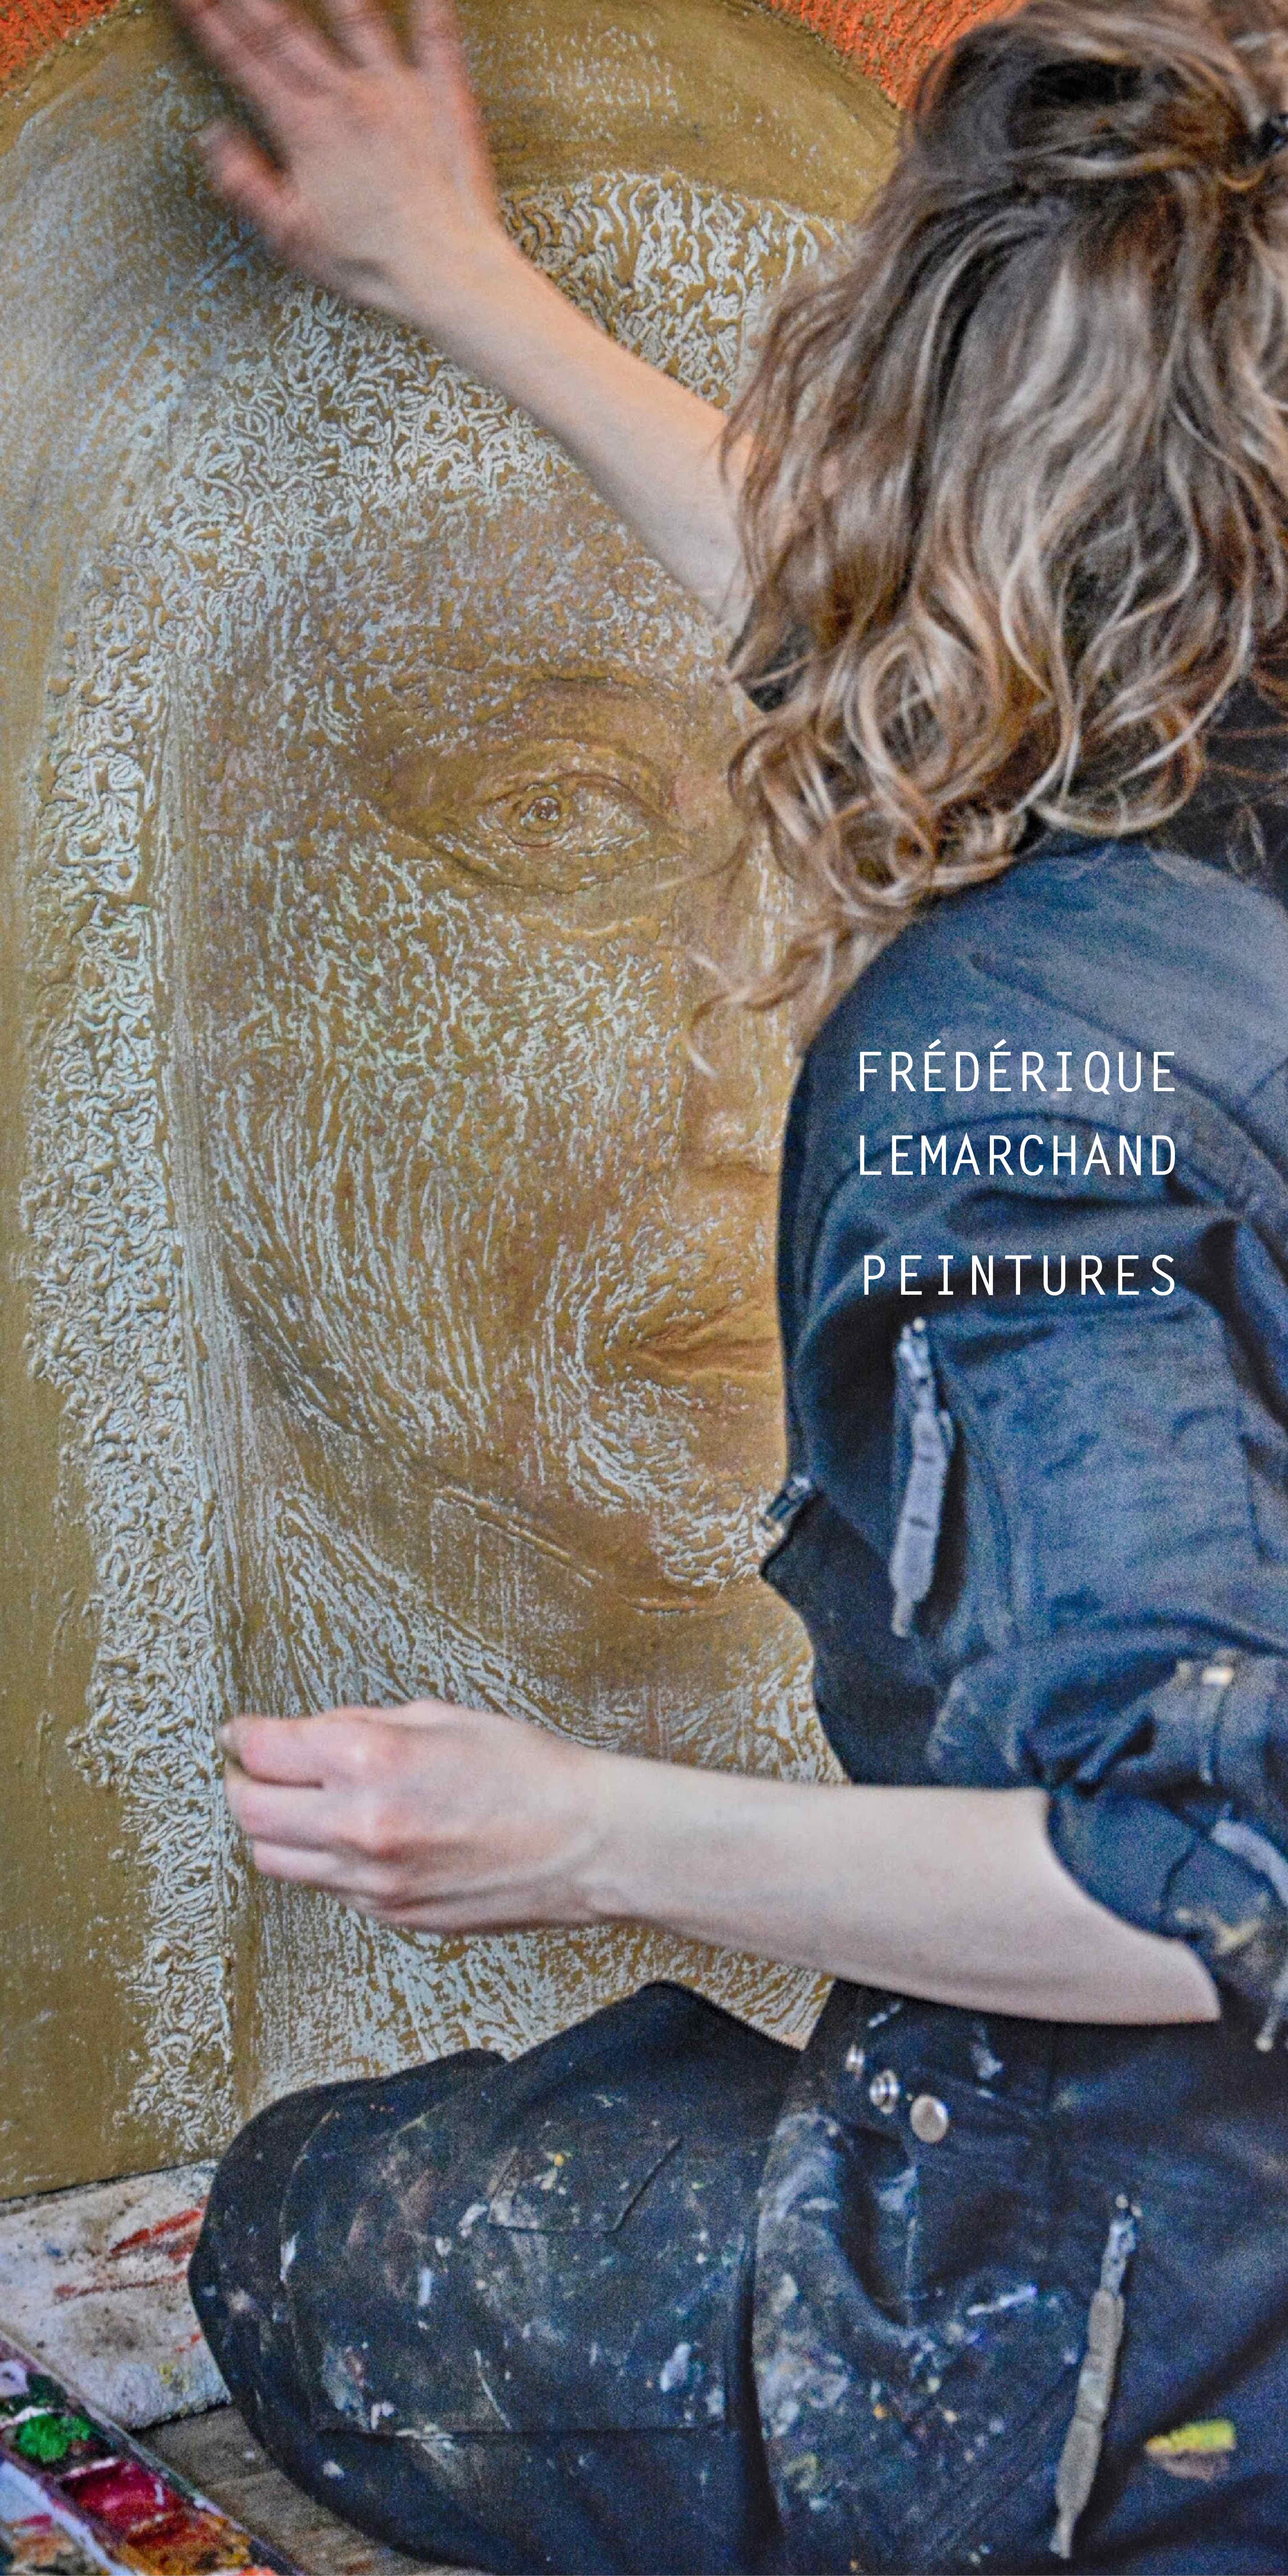 Catalogue peintures Frédérique Lemarchand